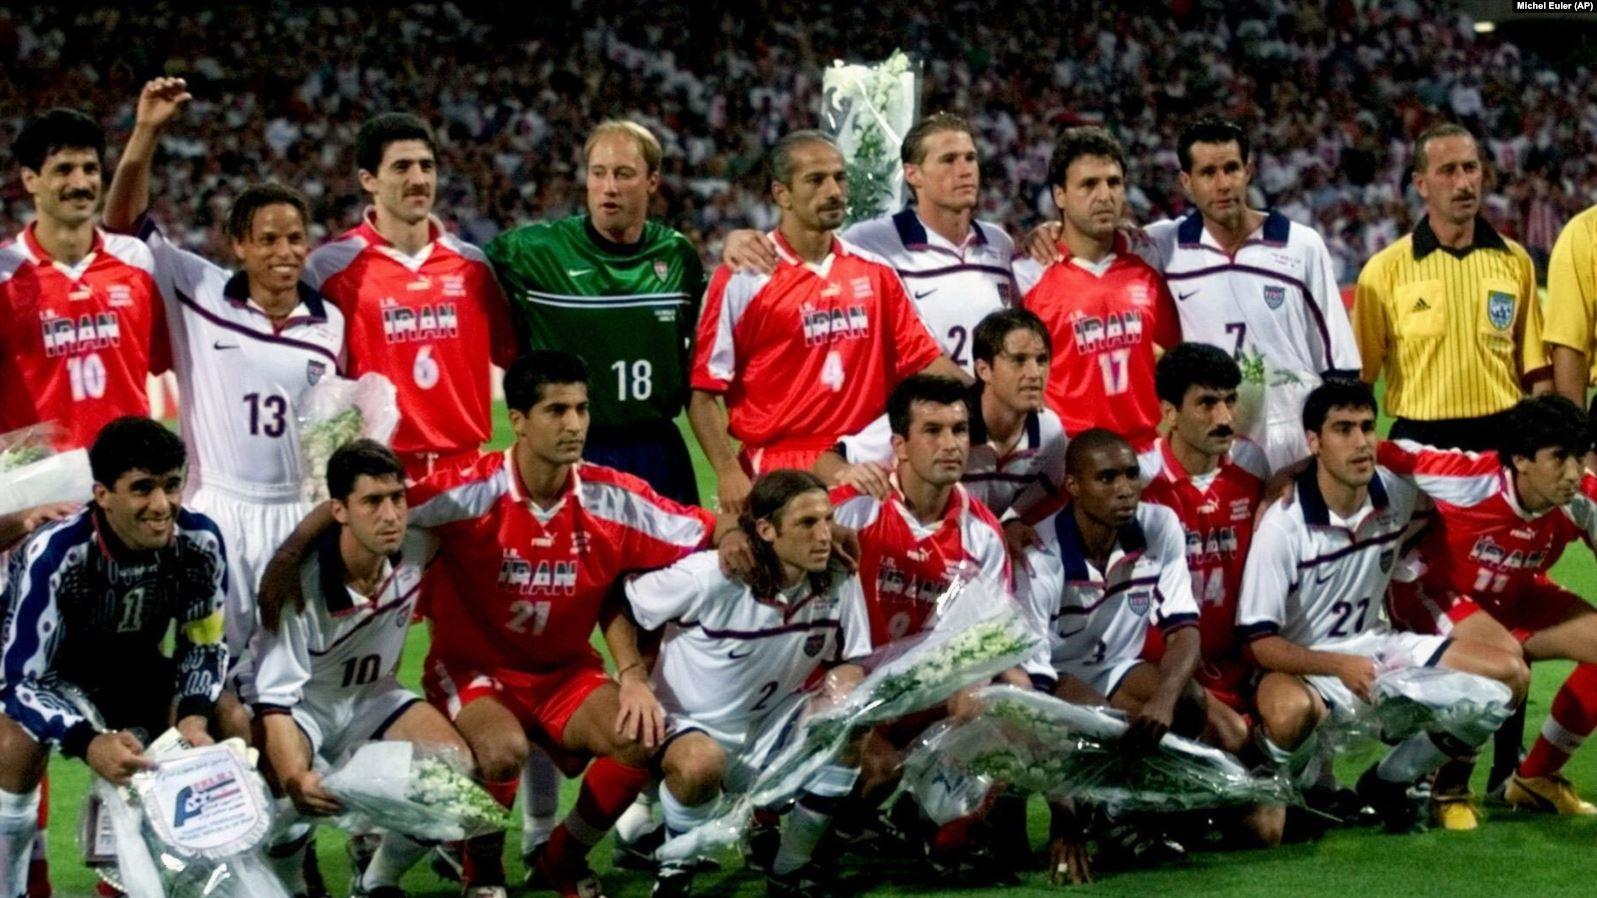 حوادث بازی ایران و آمریکا، سیاسیترین مسابقه در تاریخ جام جهانی